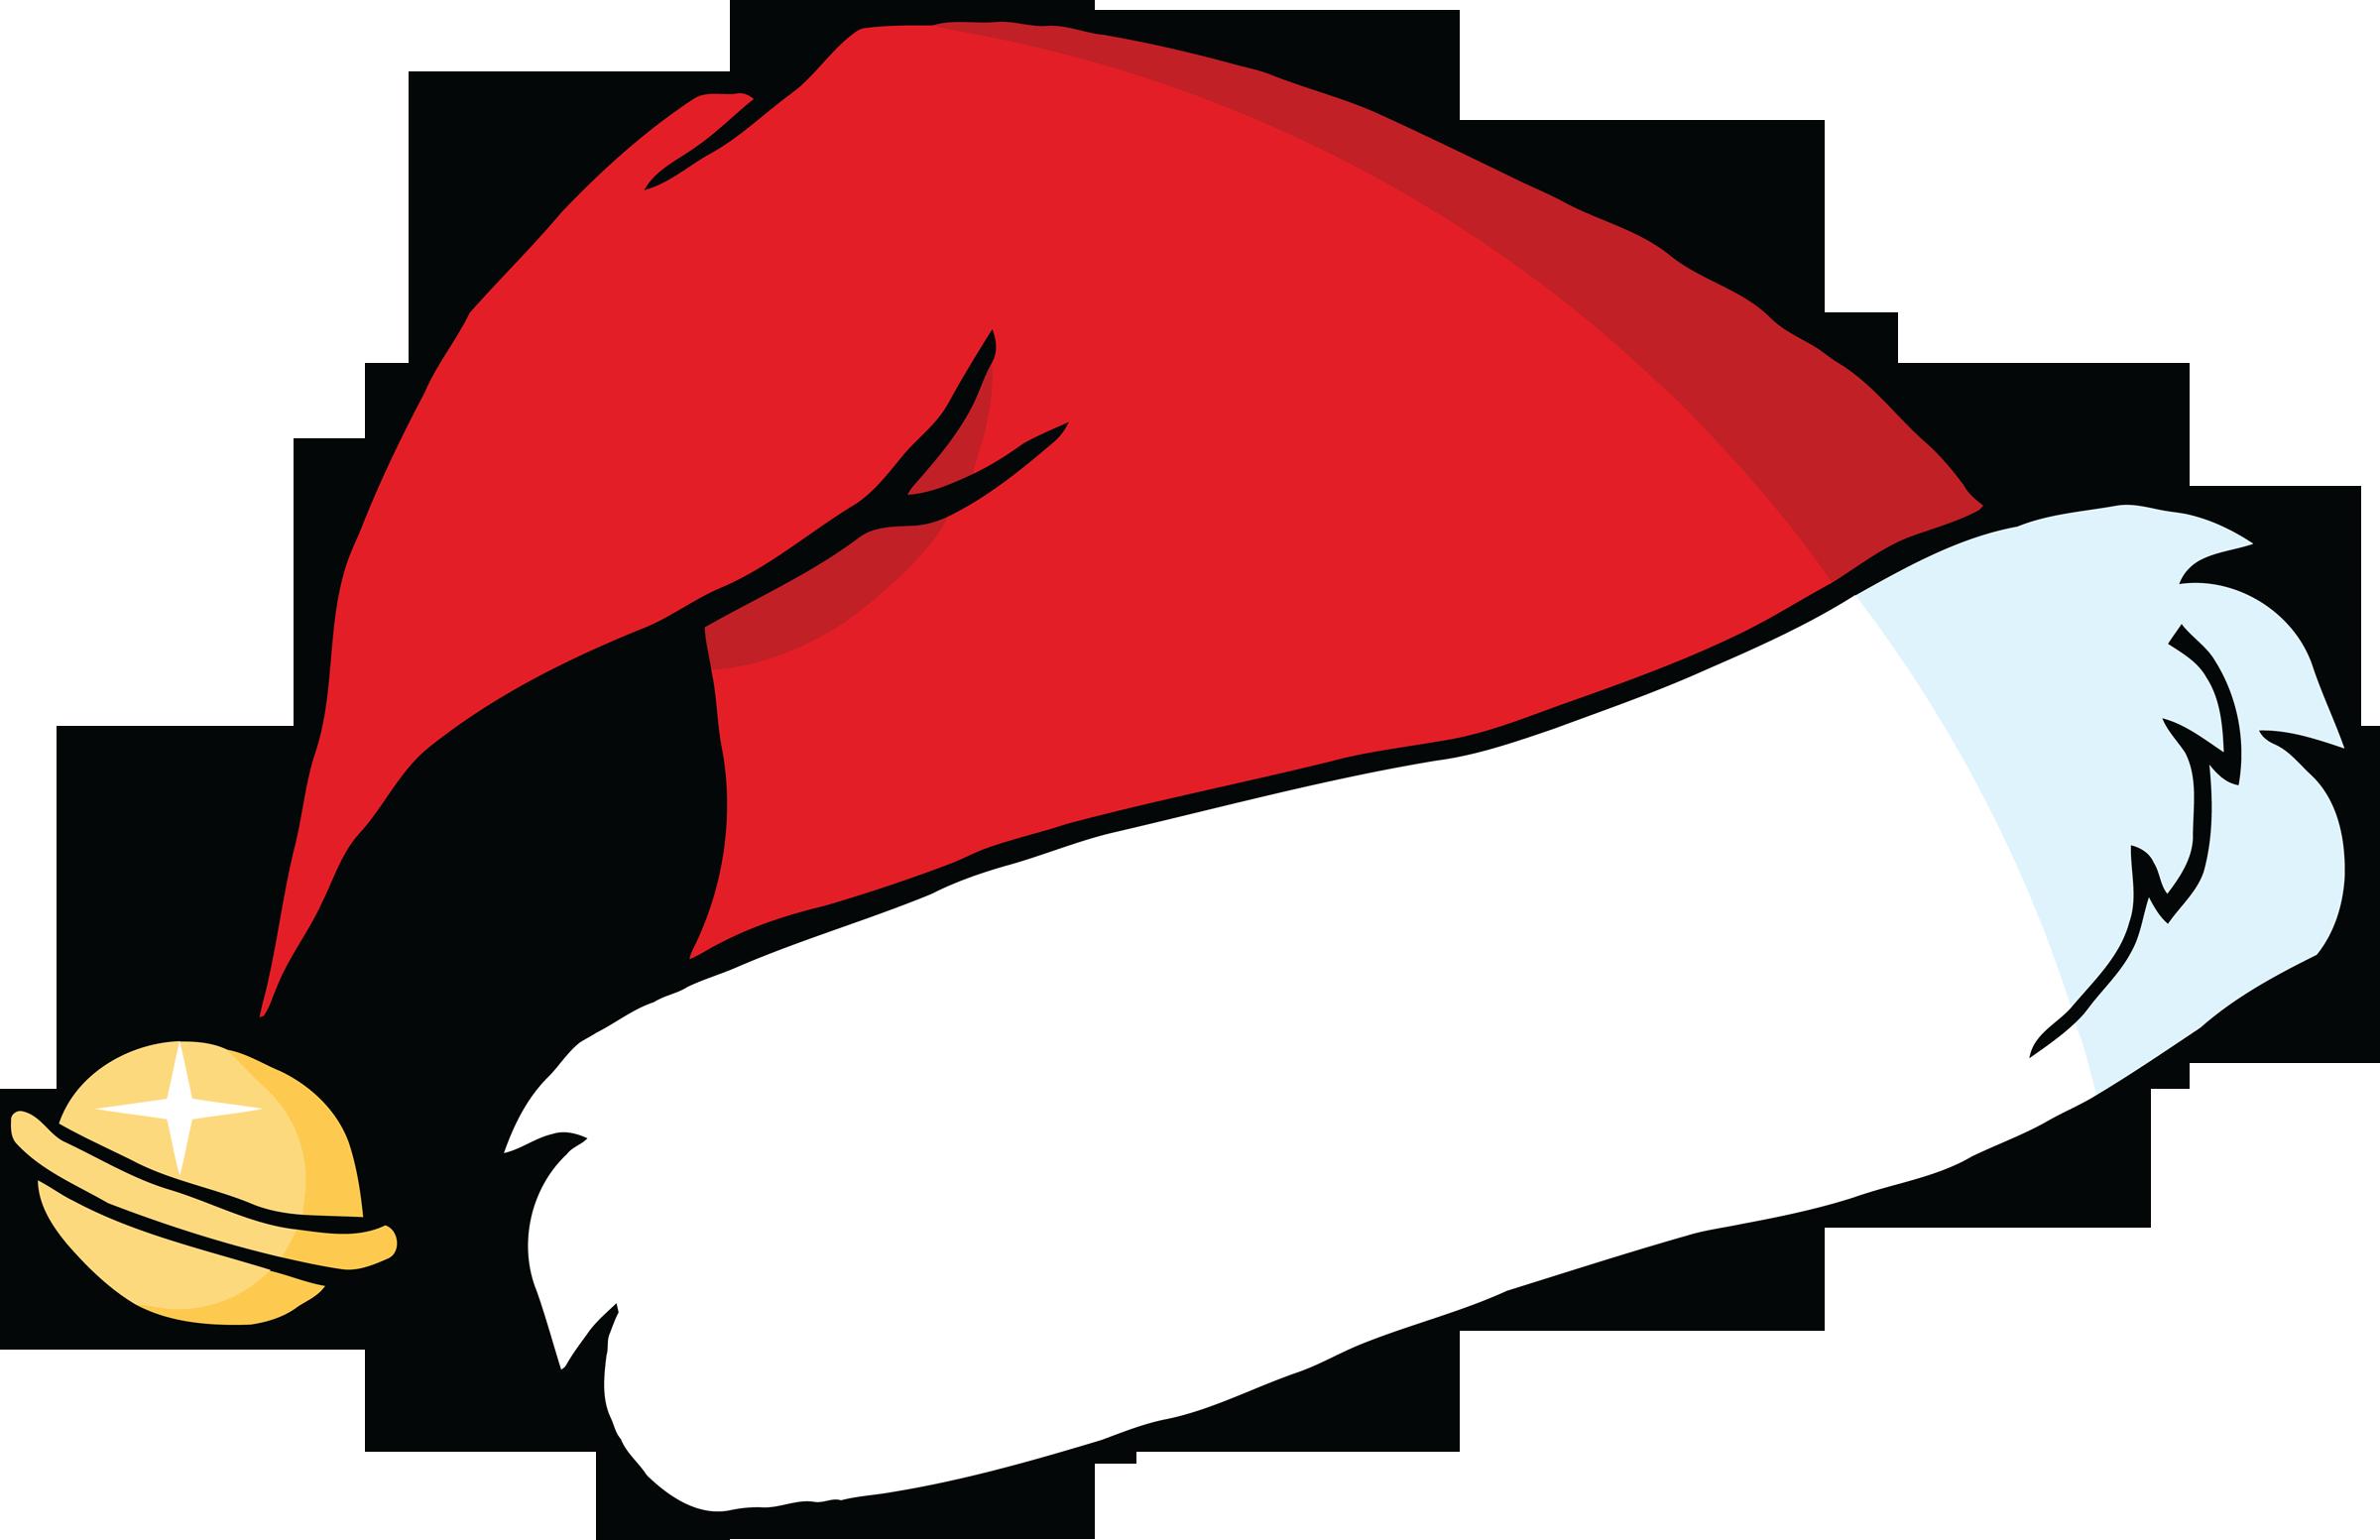 Santa hat clip art hats image 3.